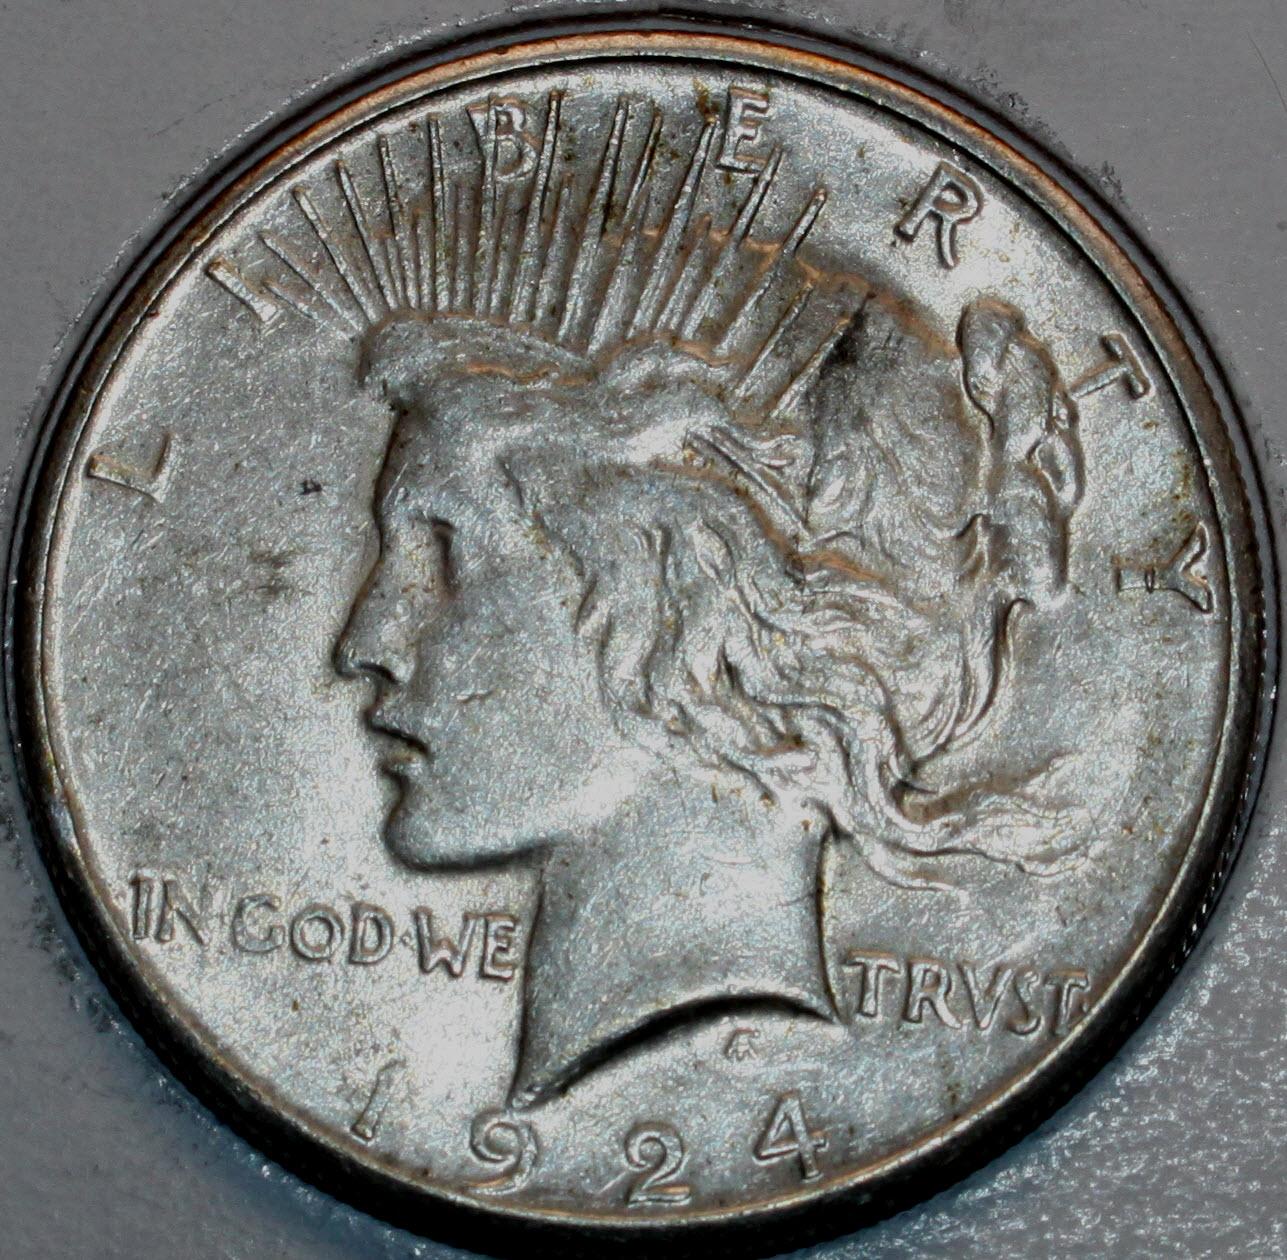 1924 1 dollar coin